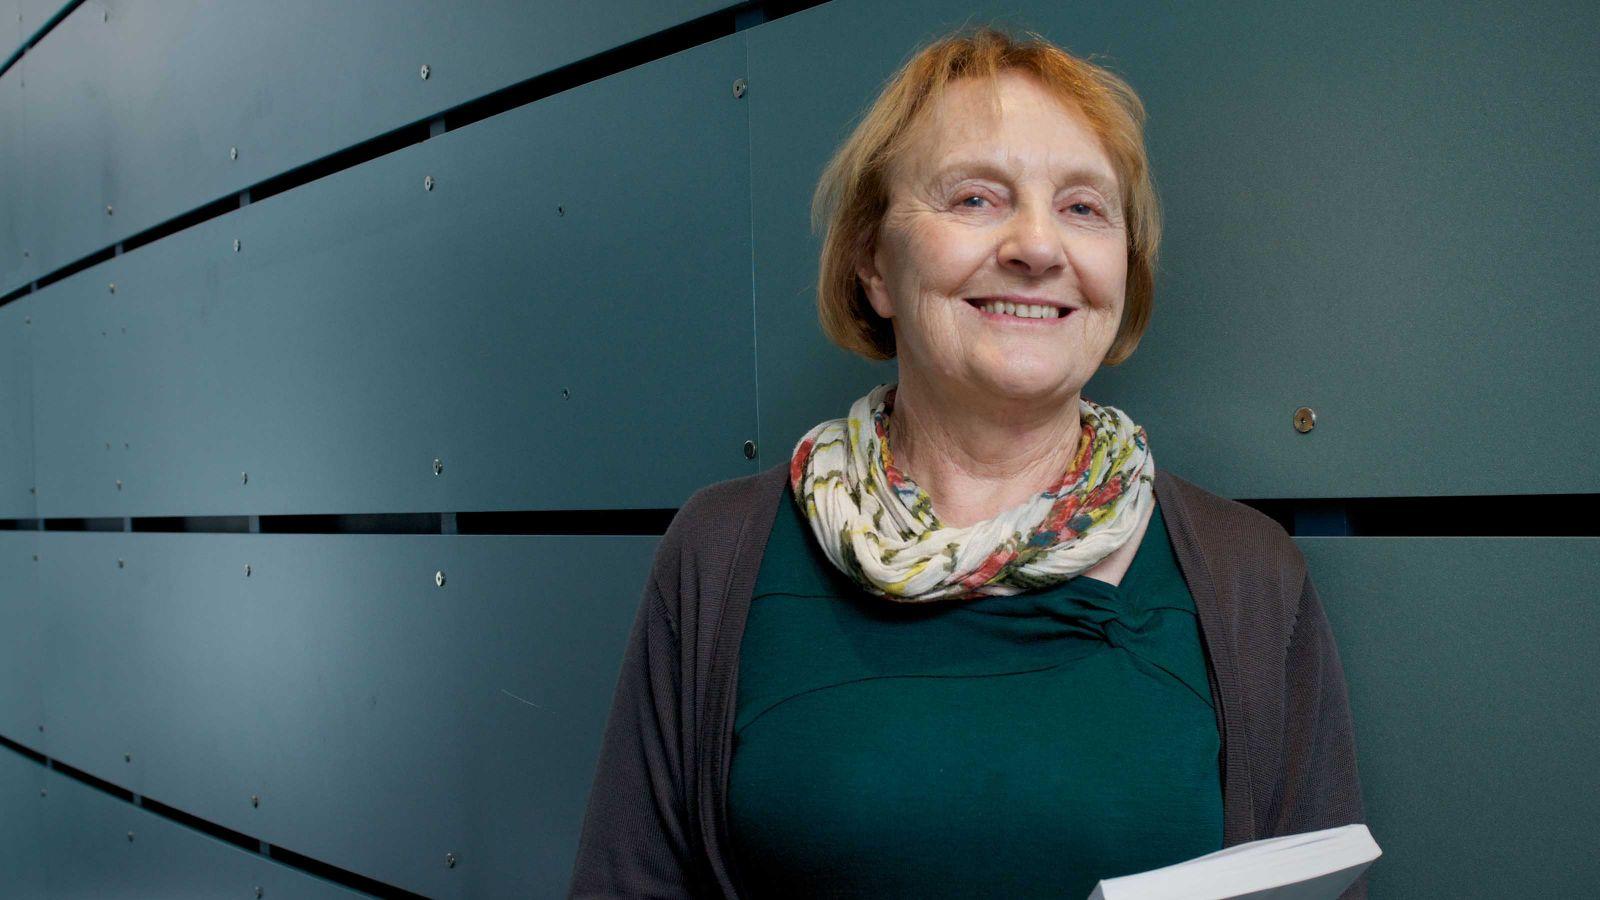 Susan Corbett